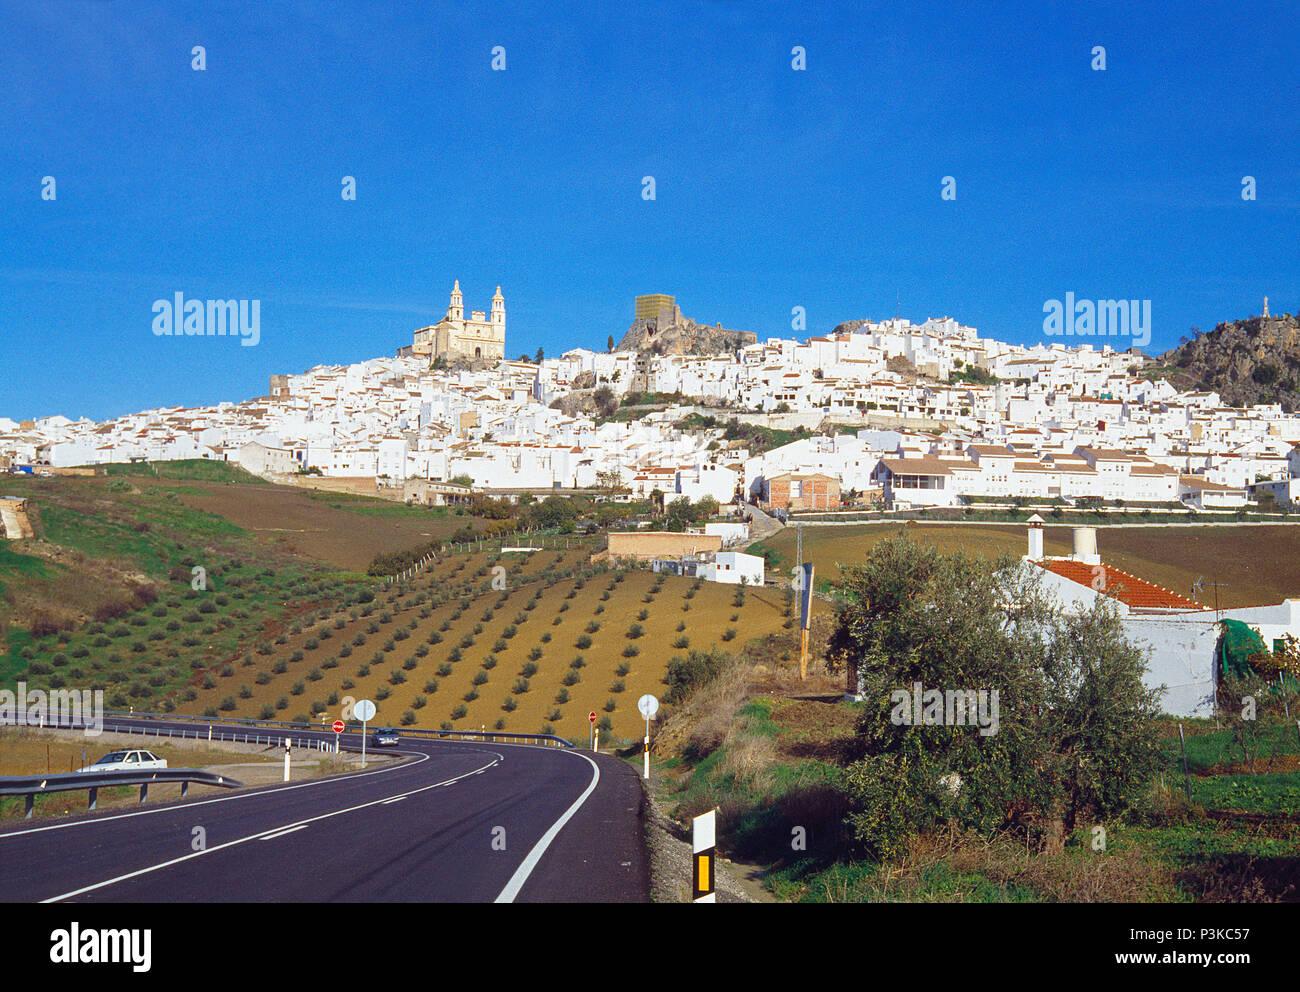 Vue d'ensemble. Olvera, province de Cadix, Andalousie, espagne. Banque D'Images